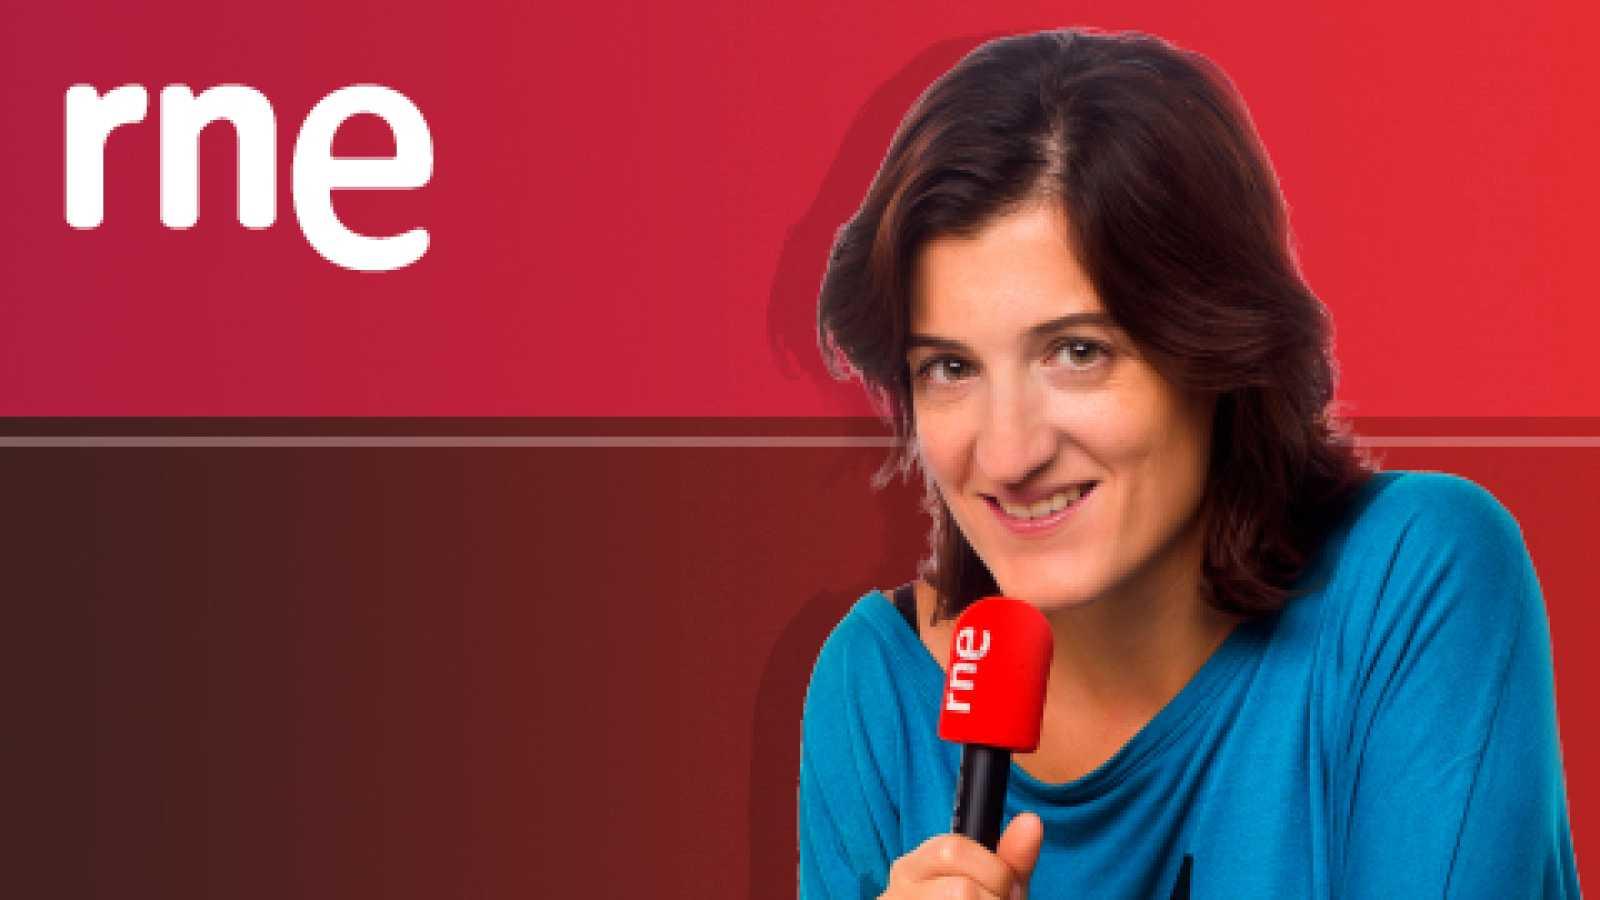 Cambio de rumbo en Radio 5 - Estambul, crisol de culturas - 18/06/15 - Escuchar ahora